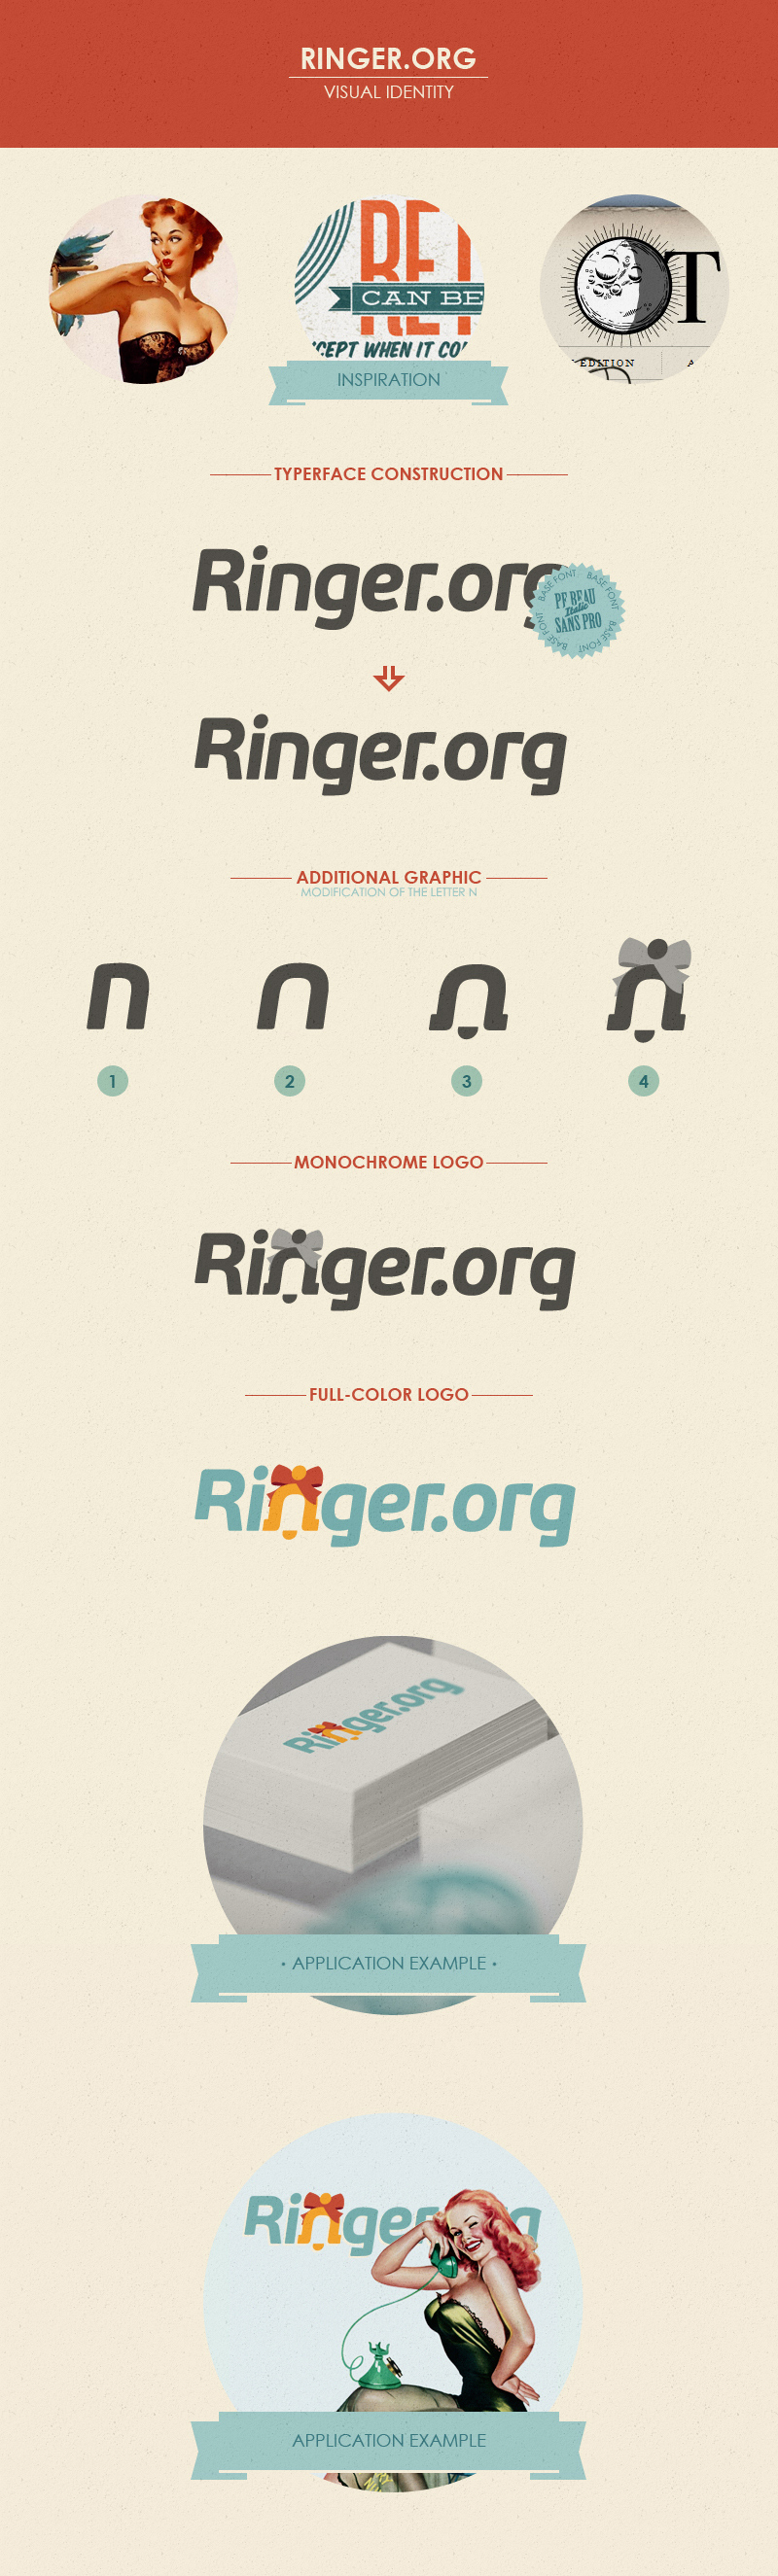 лого ringer.org